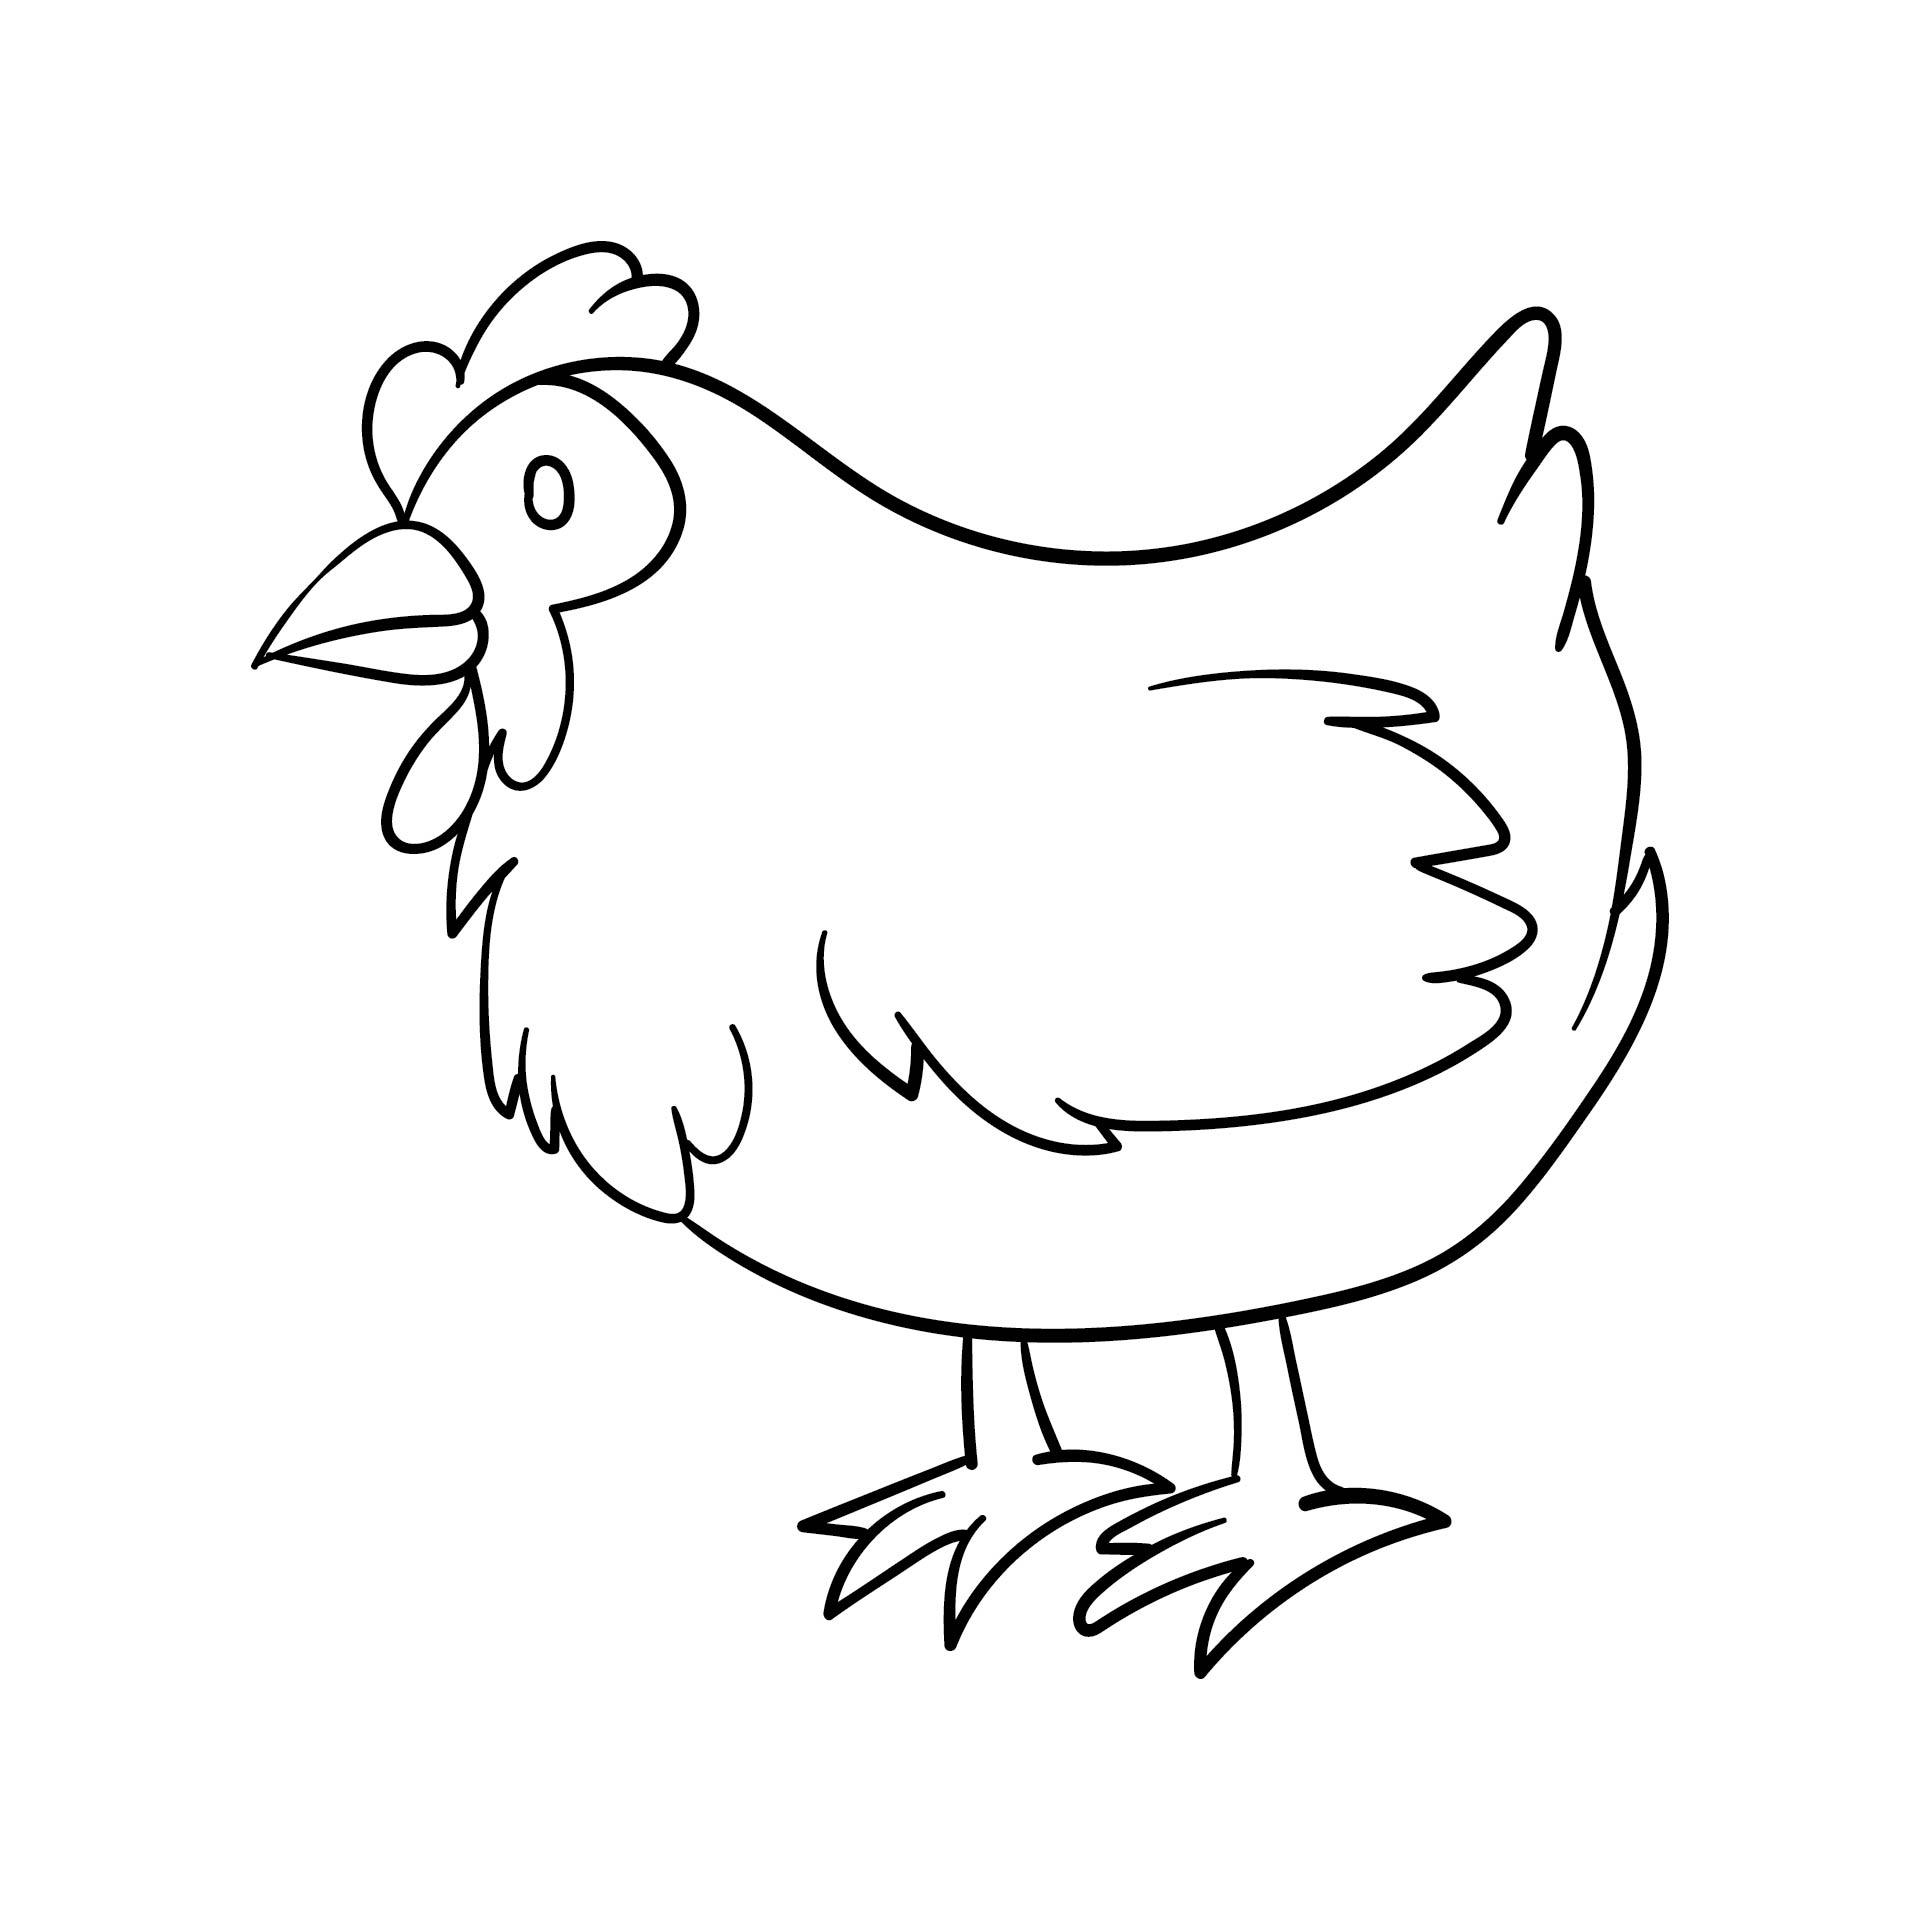 Chicken Stencil Template